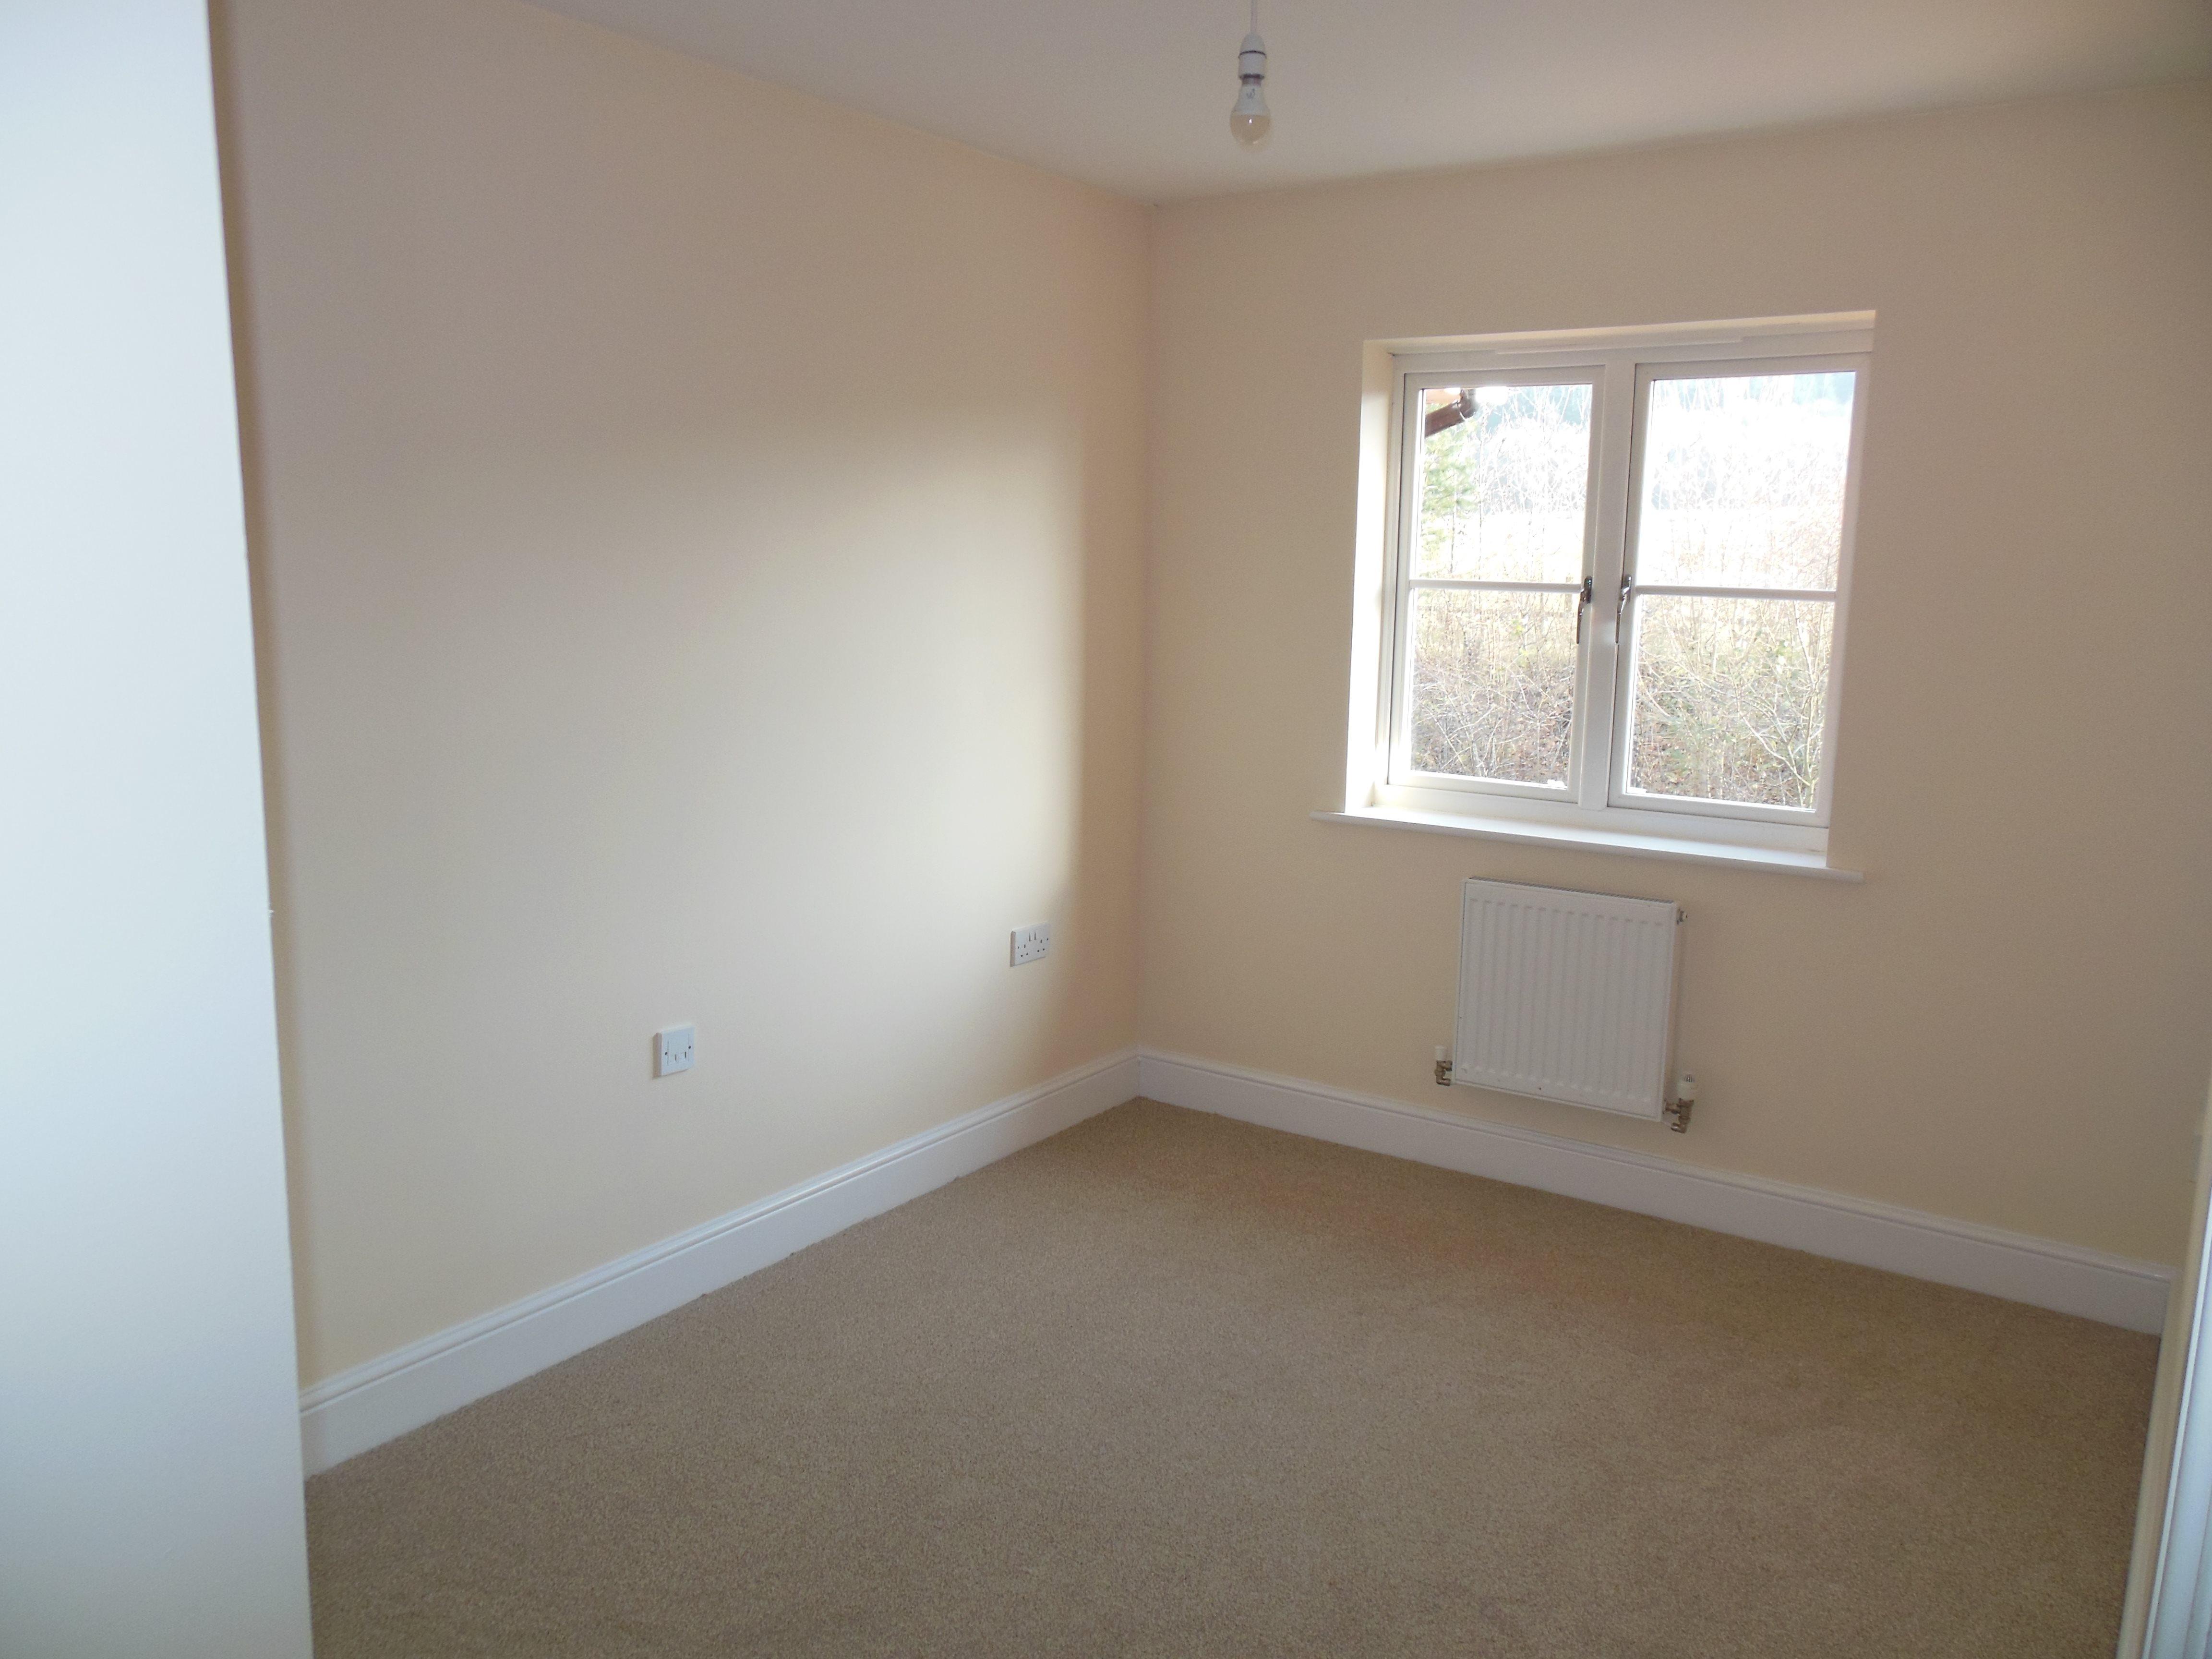 Bedroom Property To Rent Thatcham